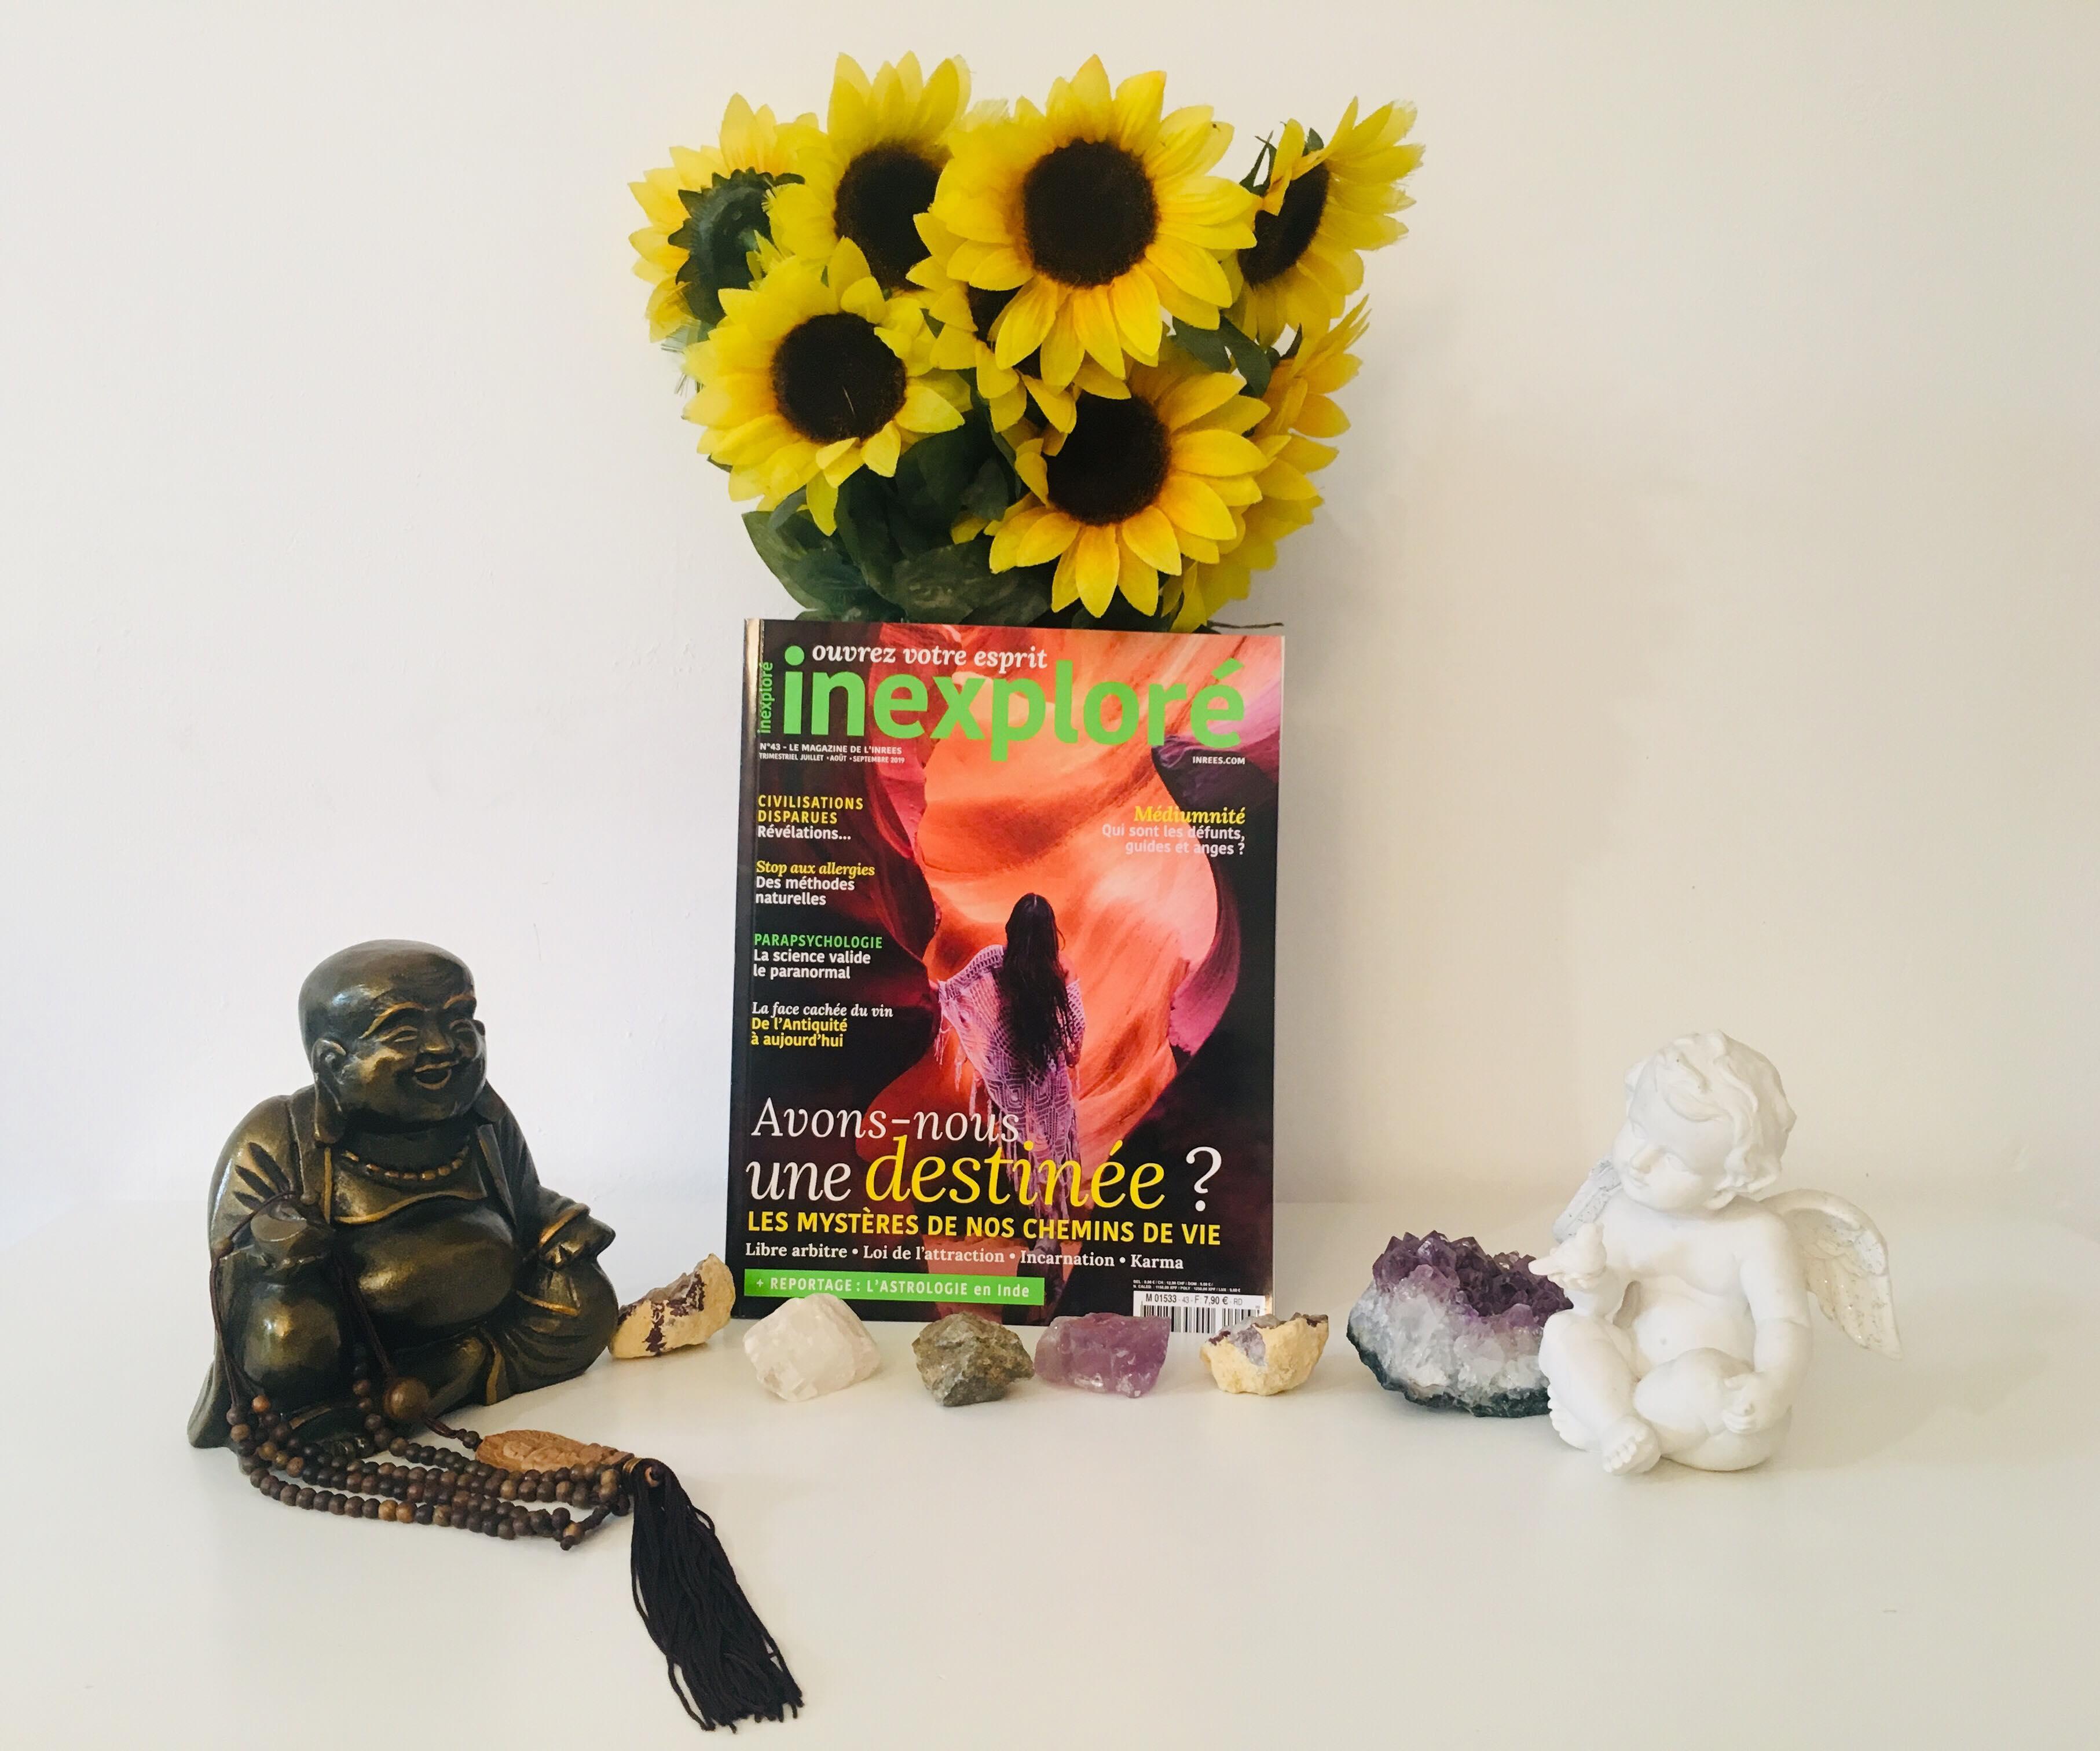 Retrouvez mon point de vue sur le karma et la spiritualité dans le magazine Inexploré n°43